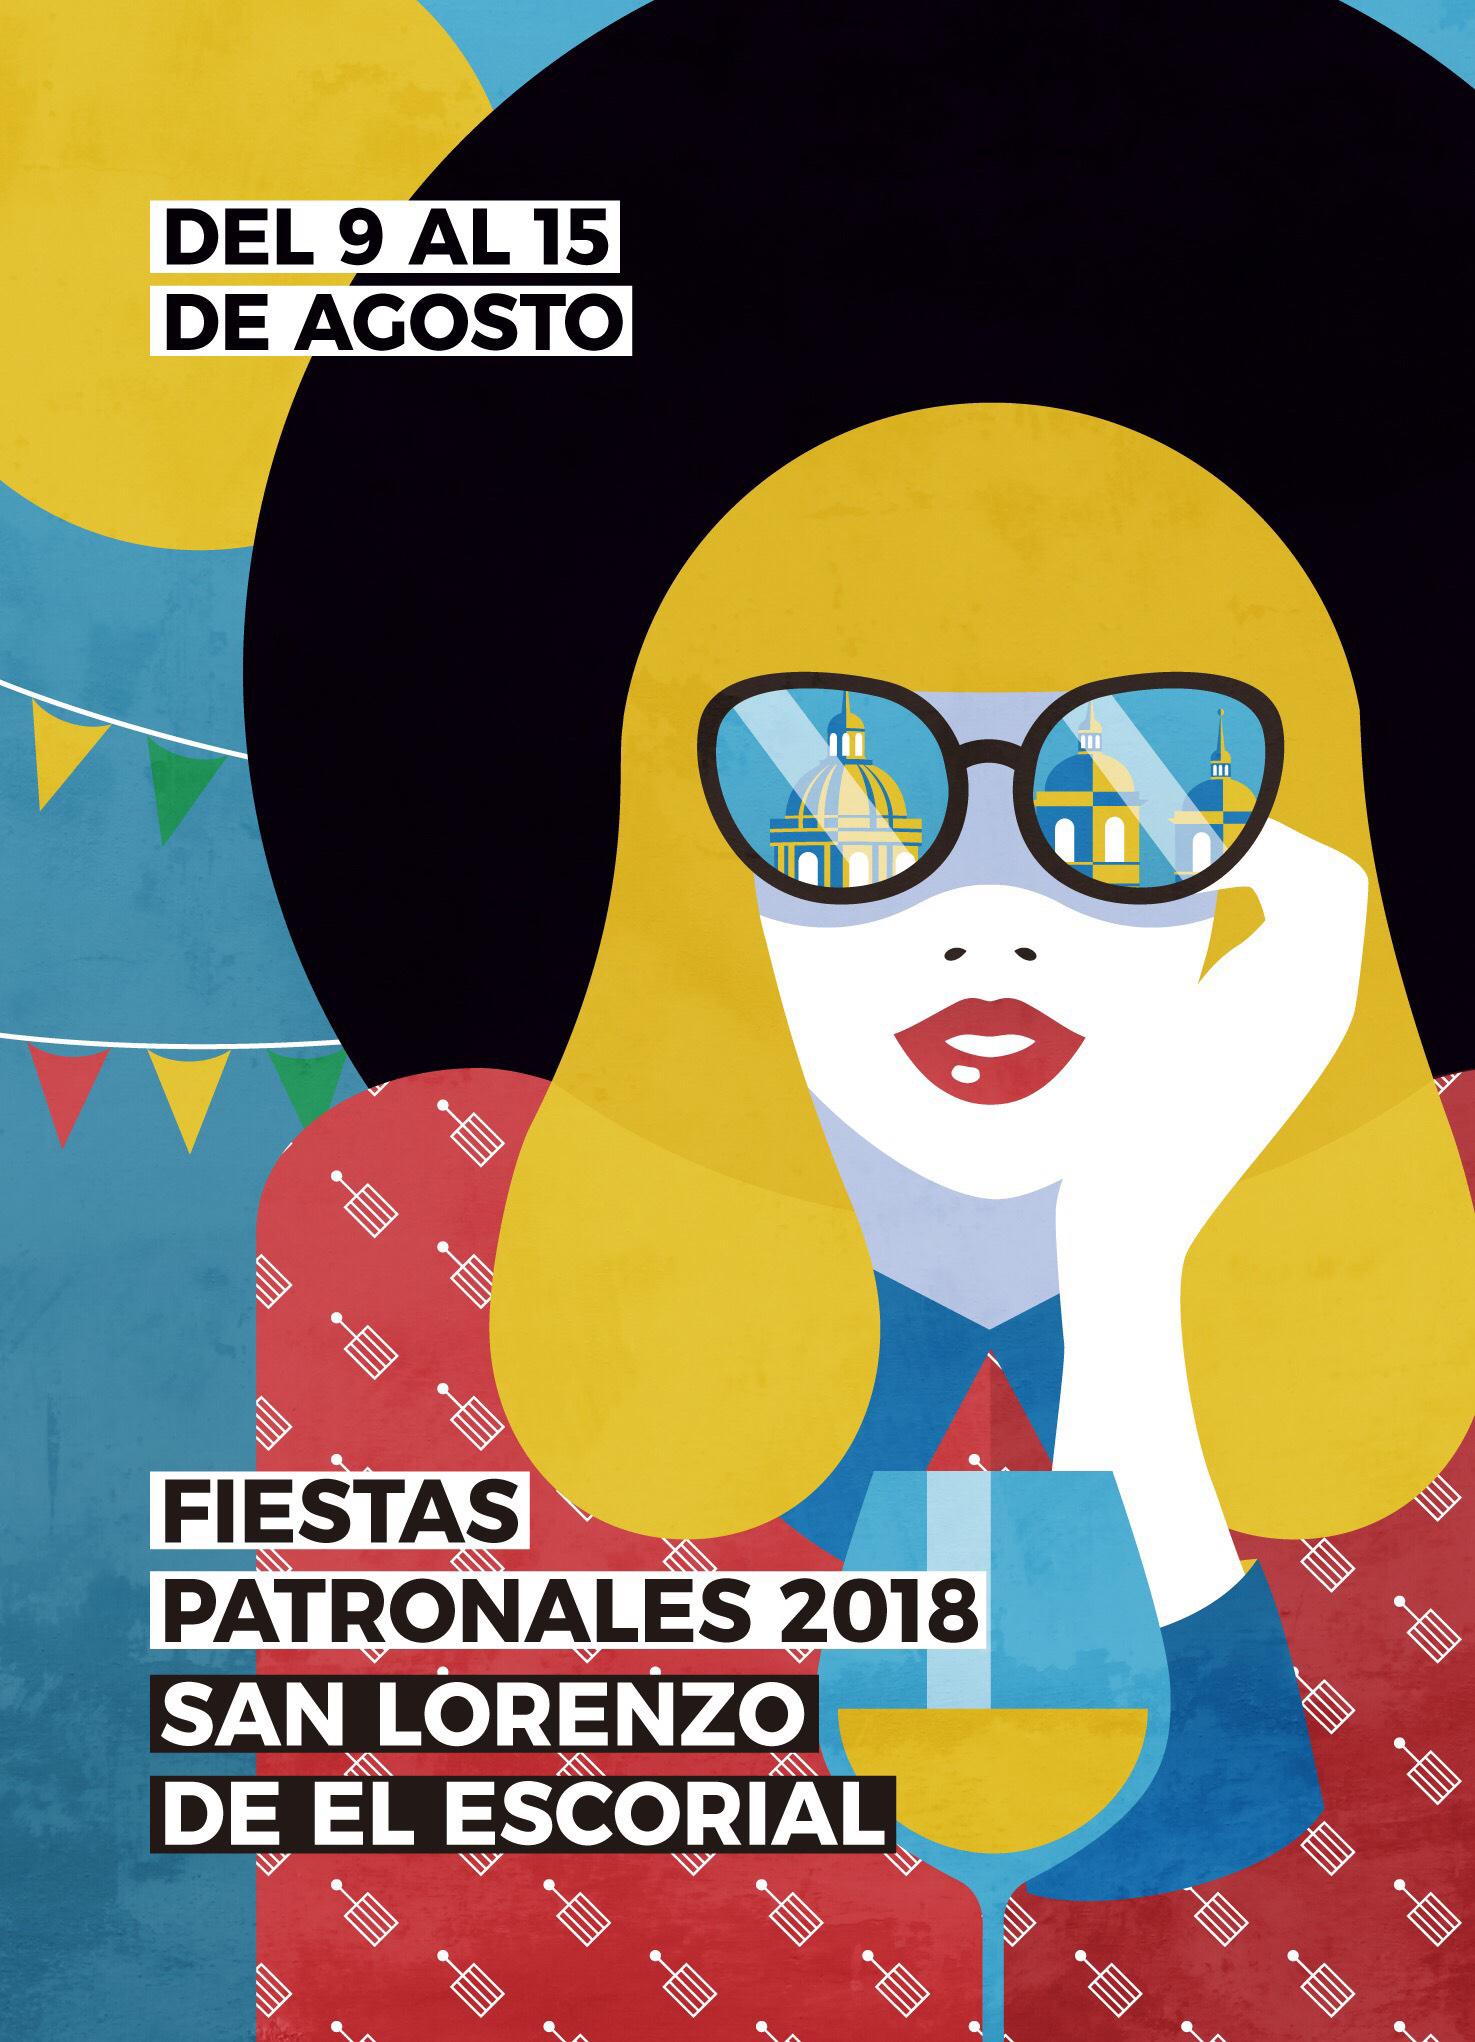 Cartel Fiestas San Lorenzo de El Escorial-2018